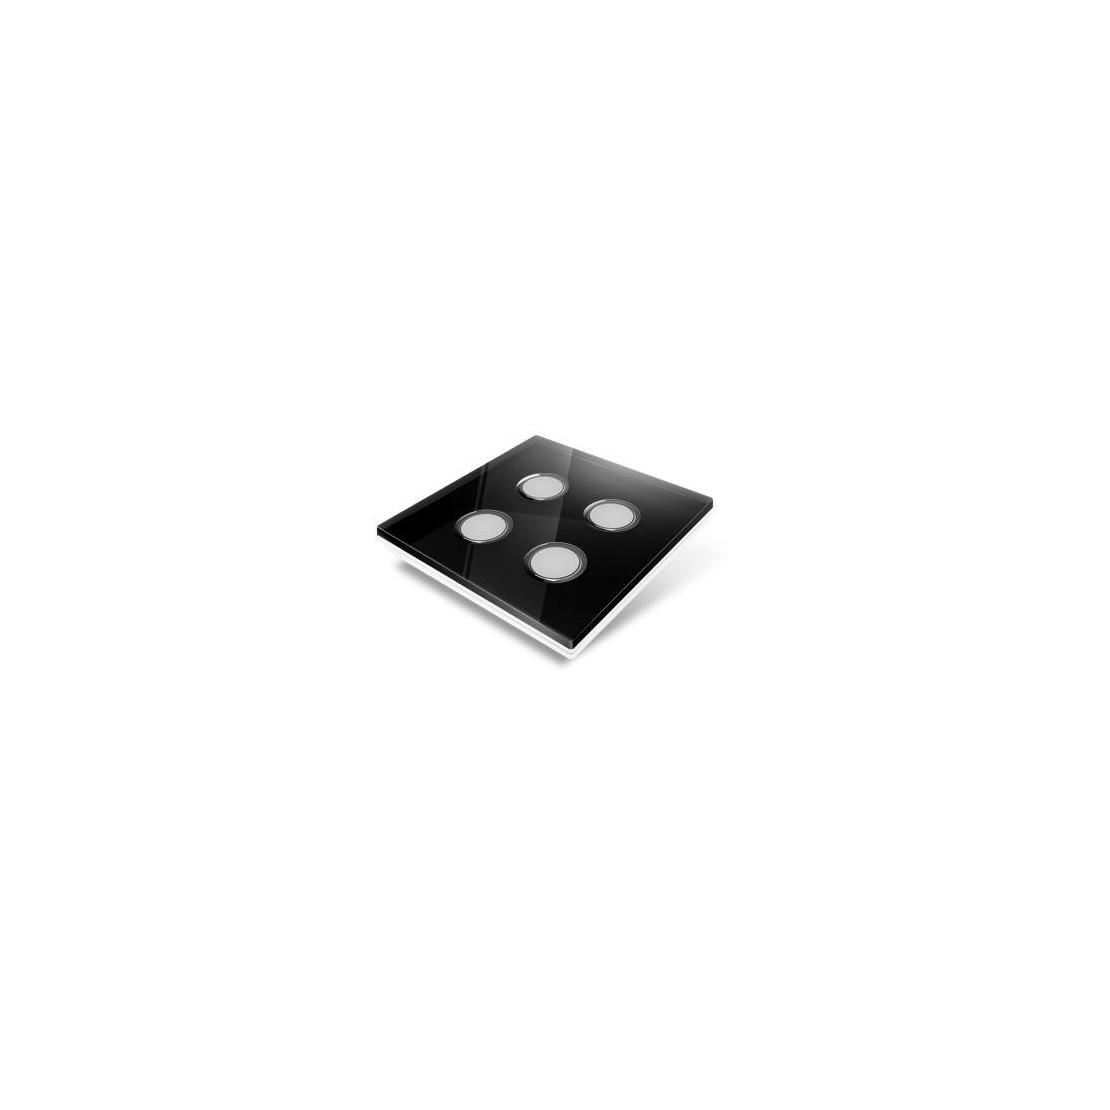 Tampa de cobertura para interruptor Edisio - plástico preto